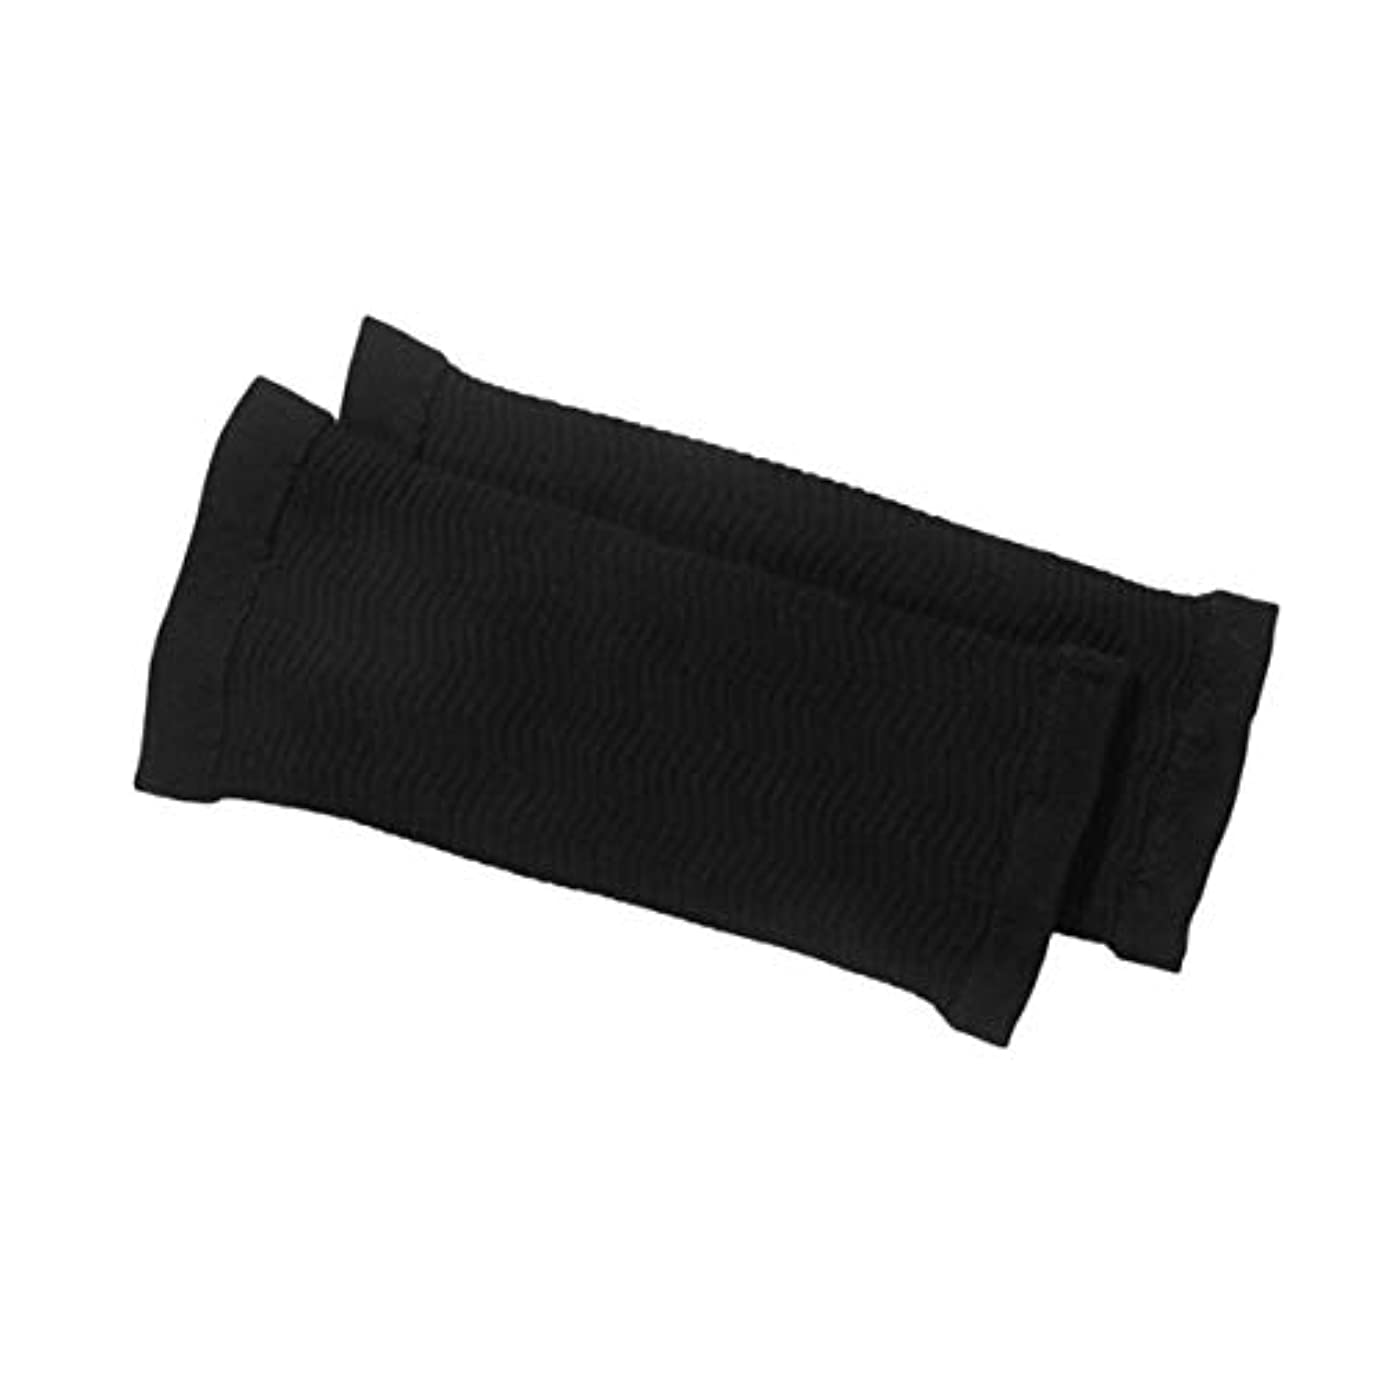 薄汚い余分な少数1ペア420 D圧縮痩身アームスリーブワークアウトトーニングバーンセルライトシェイパー脂肪燃焼袖用女性 - 黒